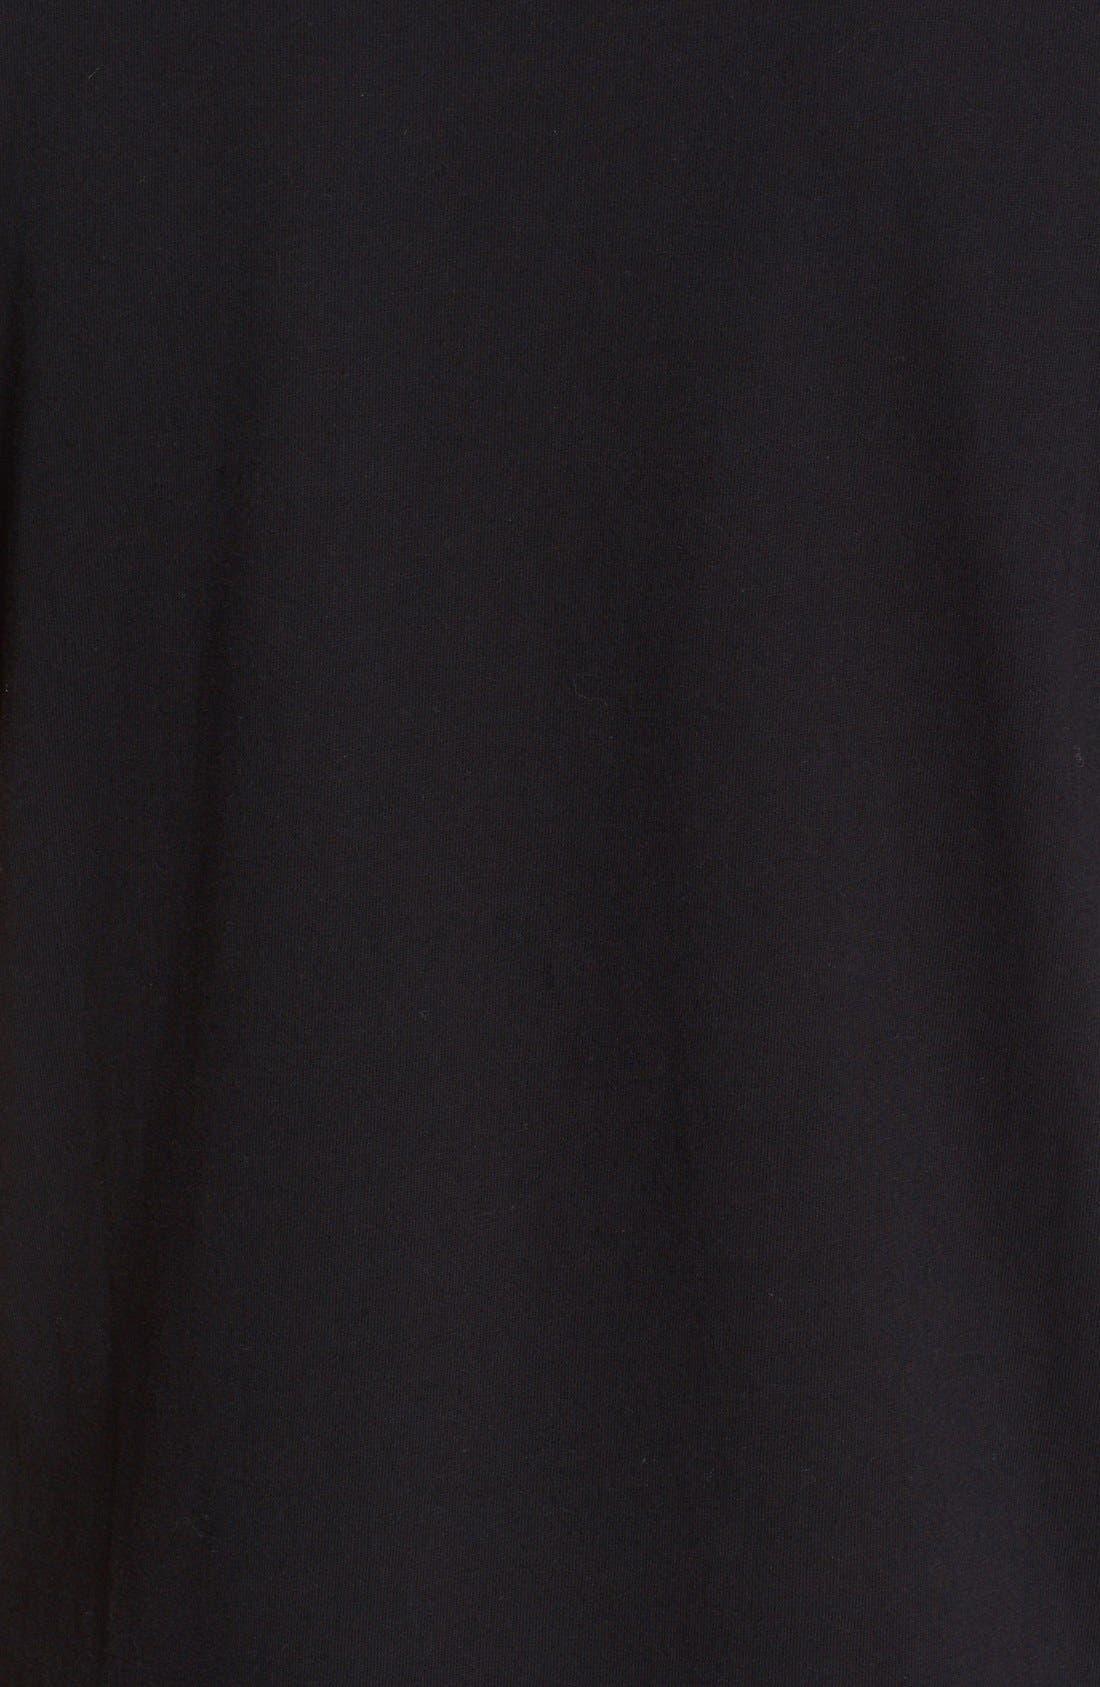 Comme des Garçons PLAY Logo Graphic T-Shirt,                             Alternate thumbnail 5, color,                             Black